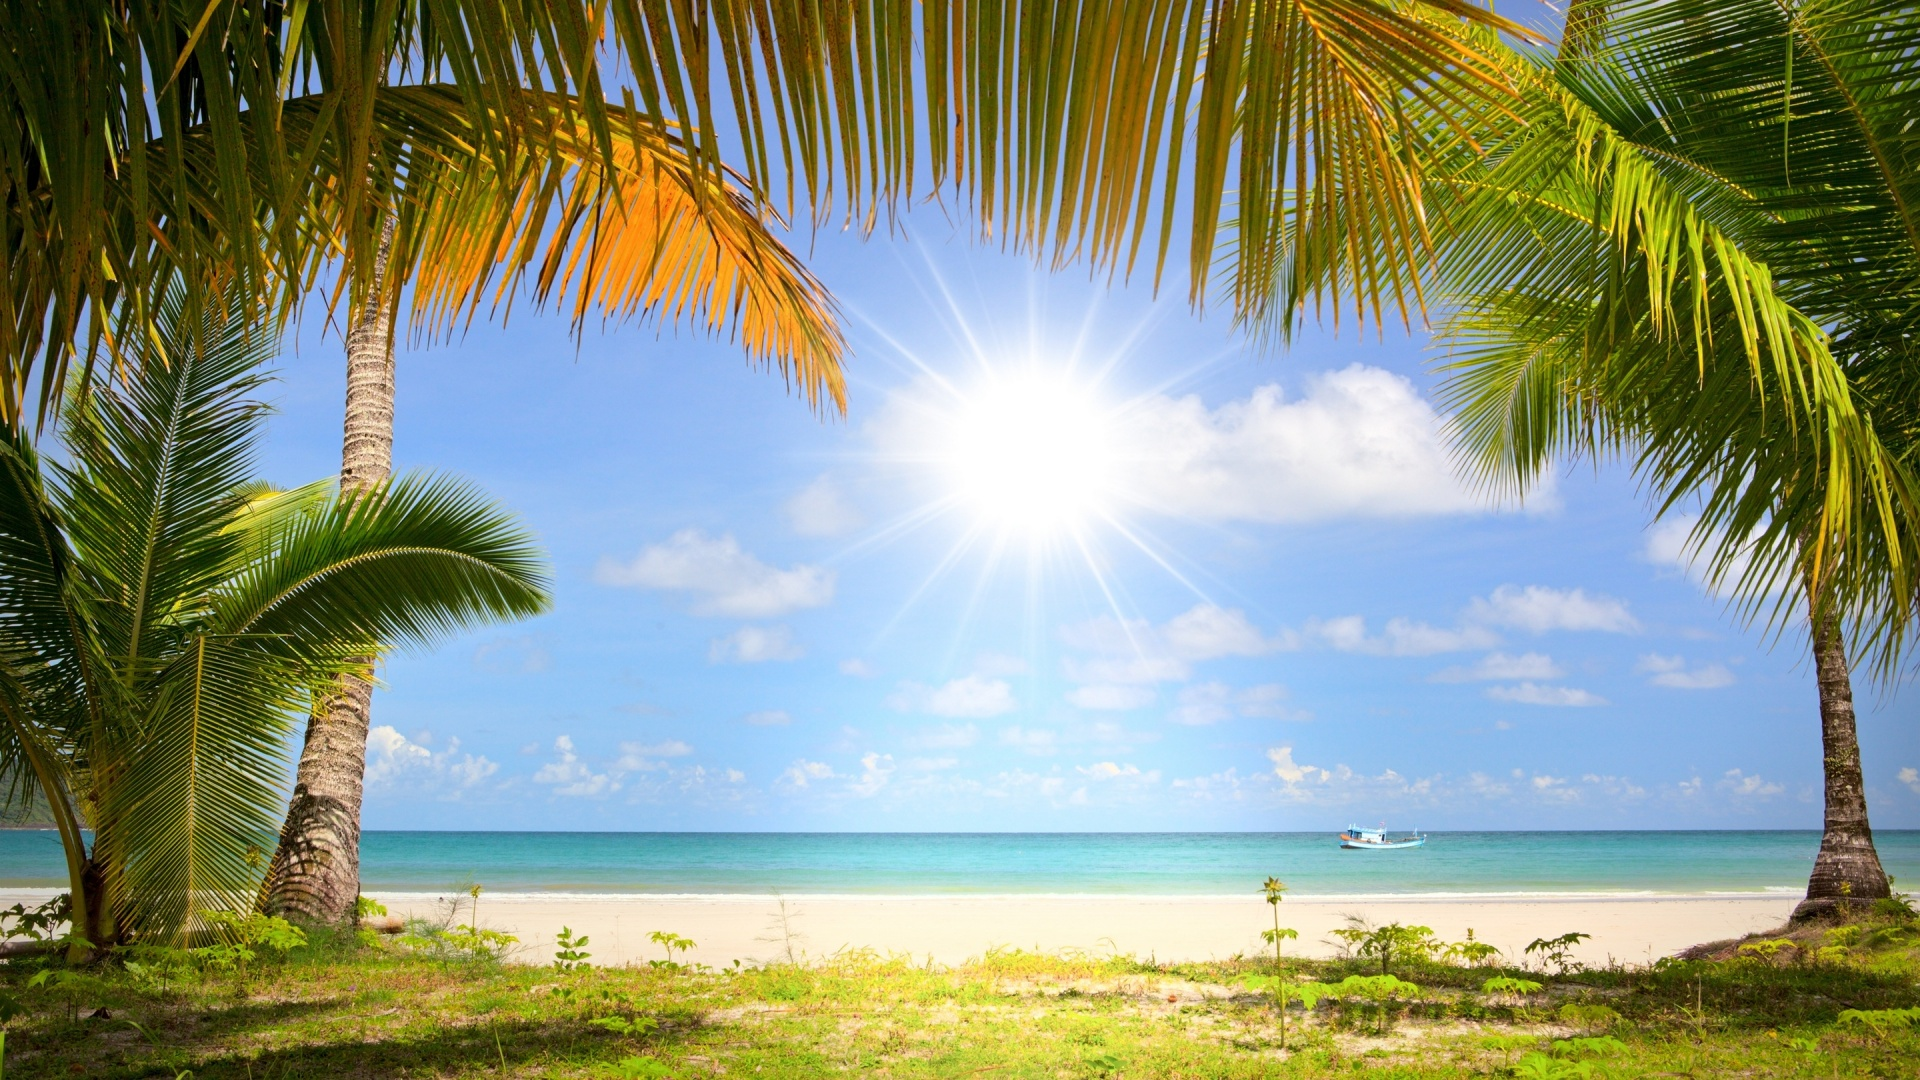 природа песок пляж дома море пальмы  № 3778397 бесплатно